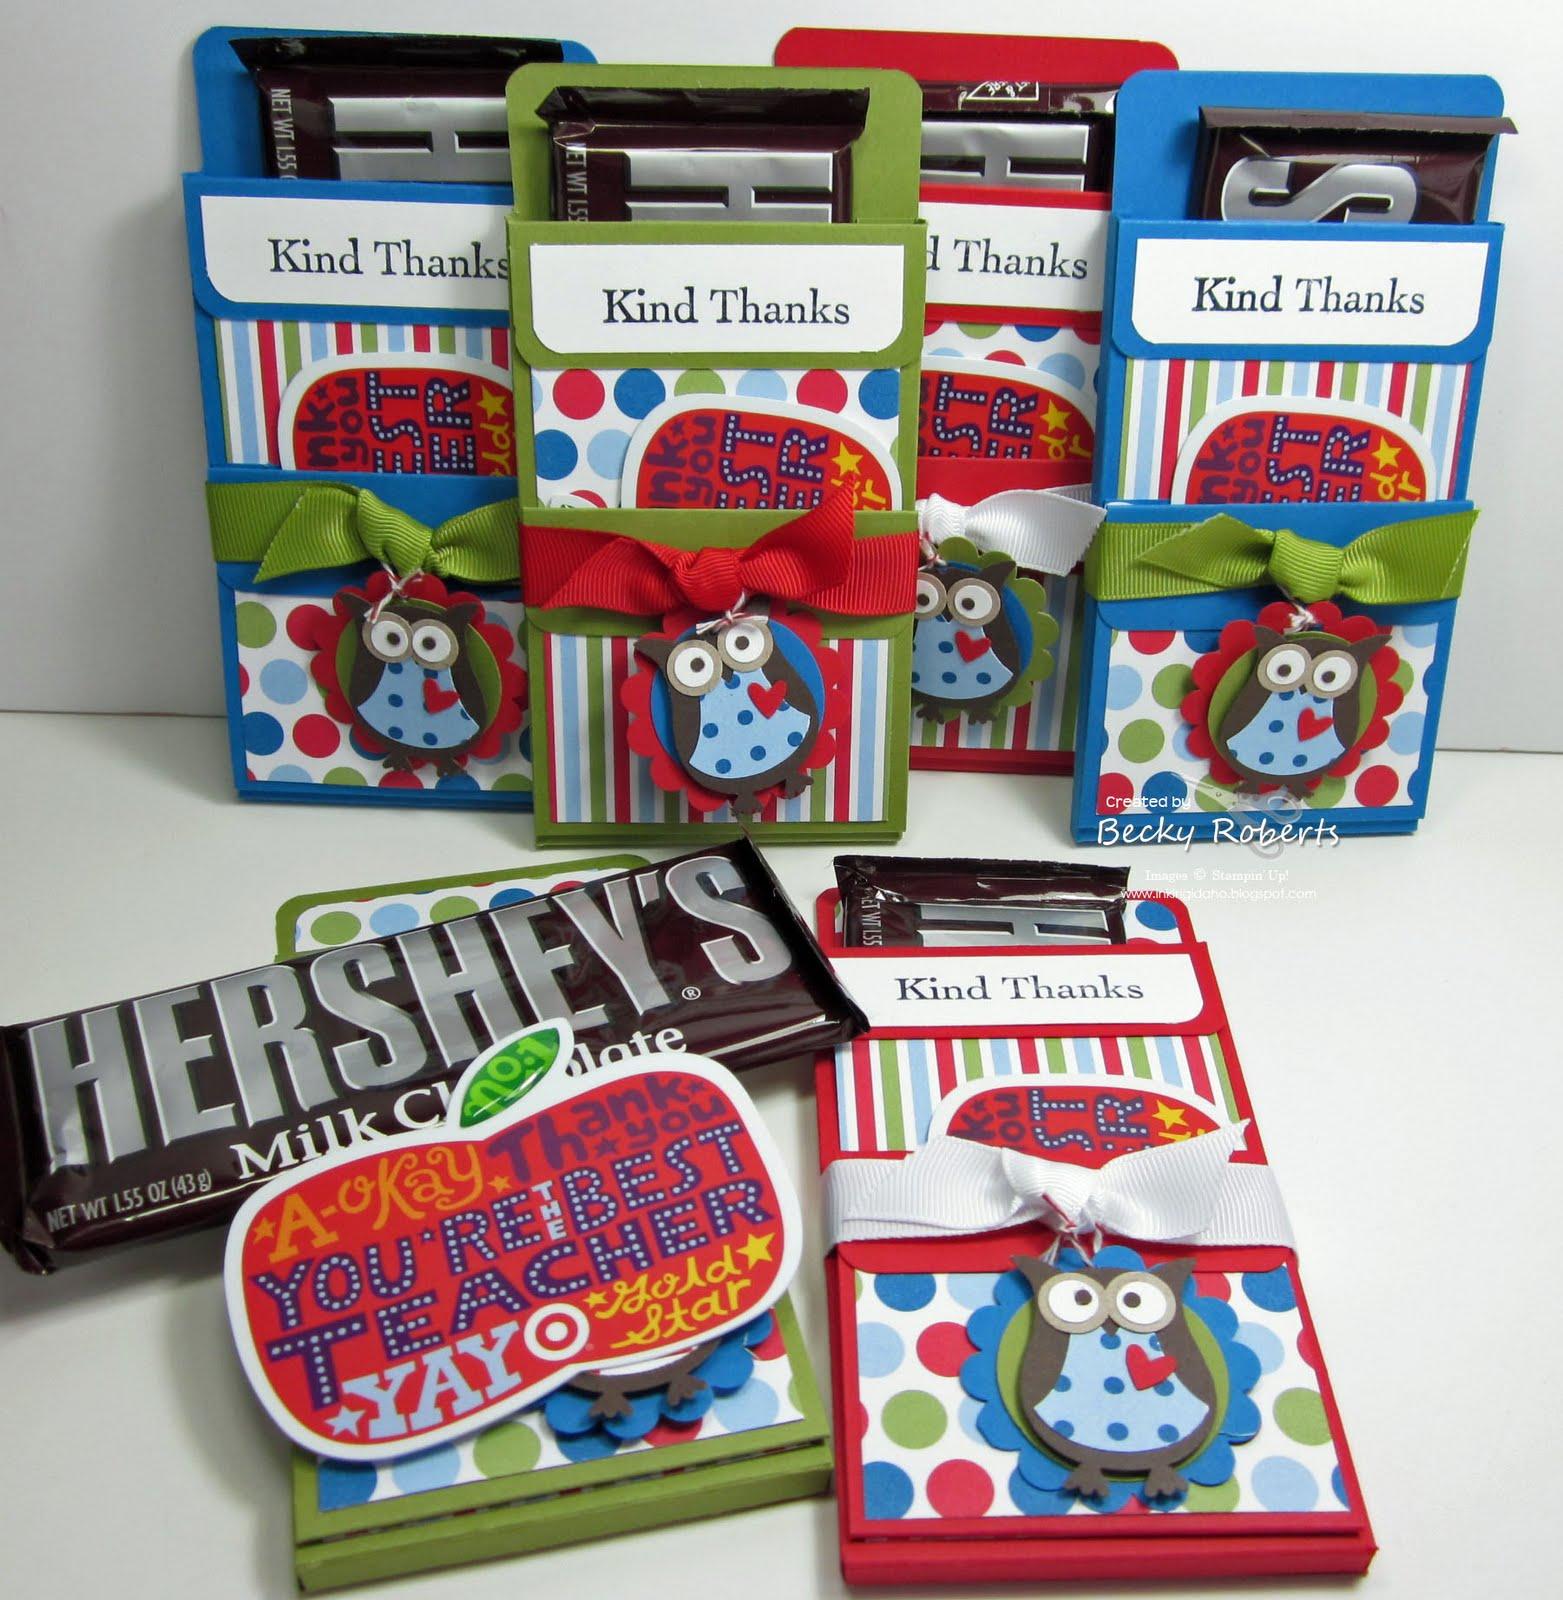 inking idaho hershey bar gift holders